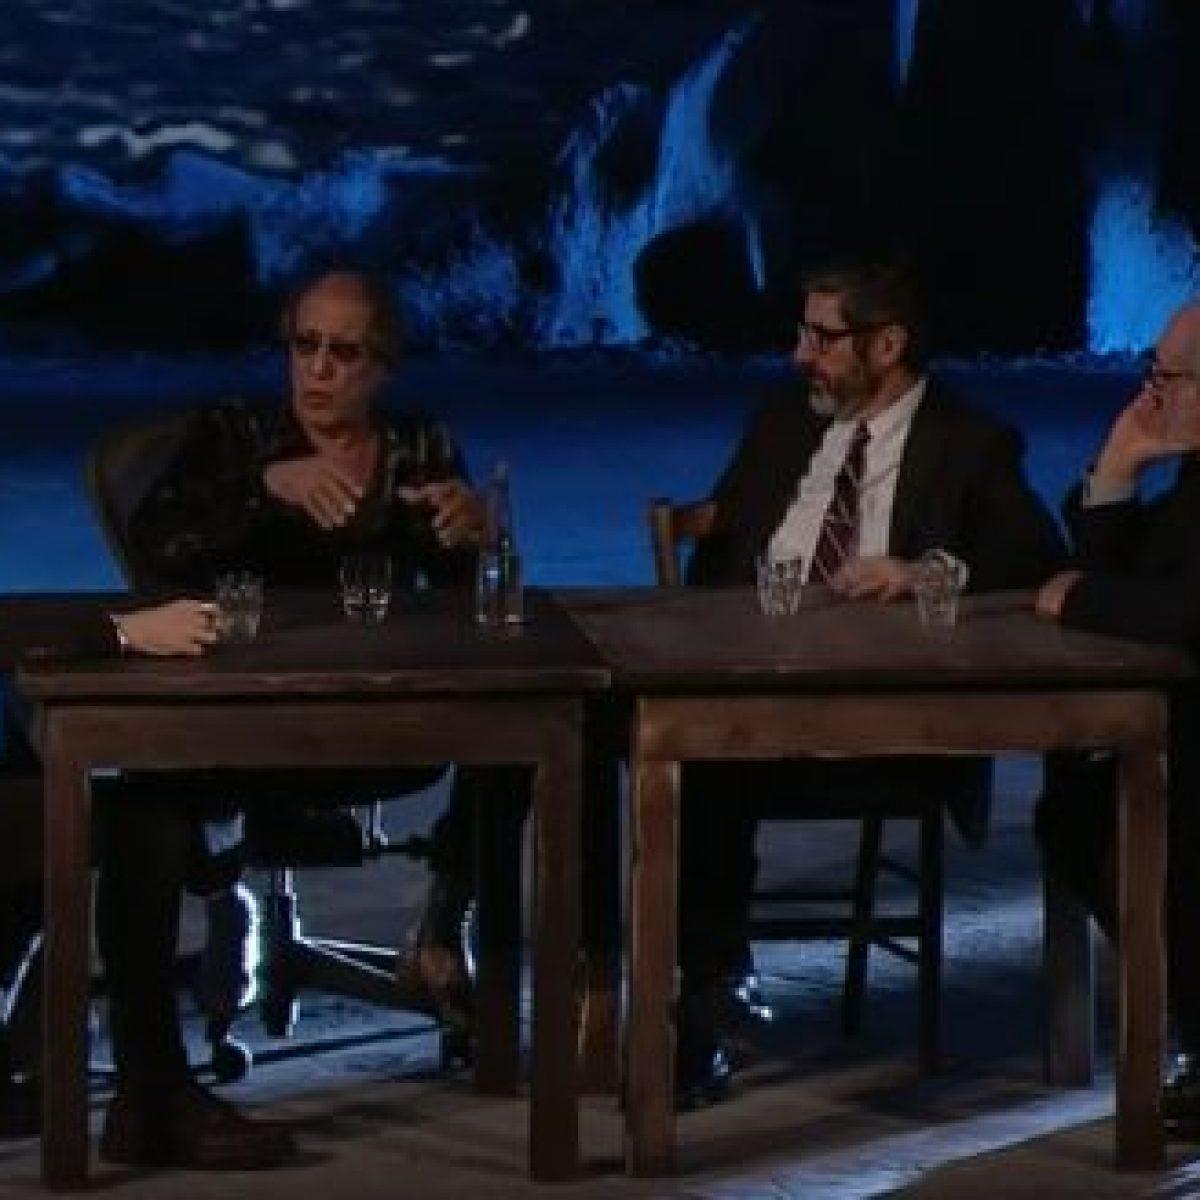 Adriano Celentano Pierpaolo Pasolini Voleva Fare Un Film